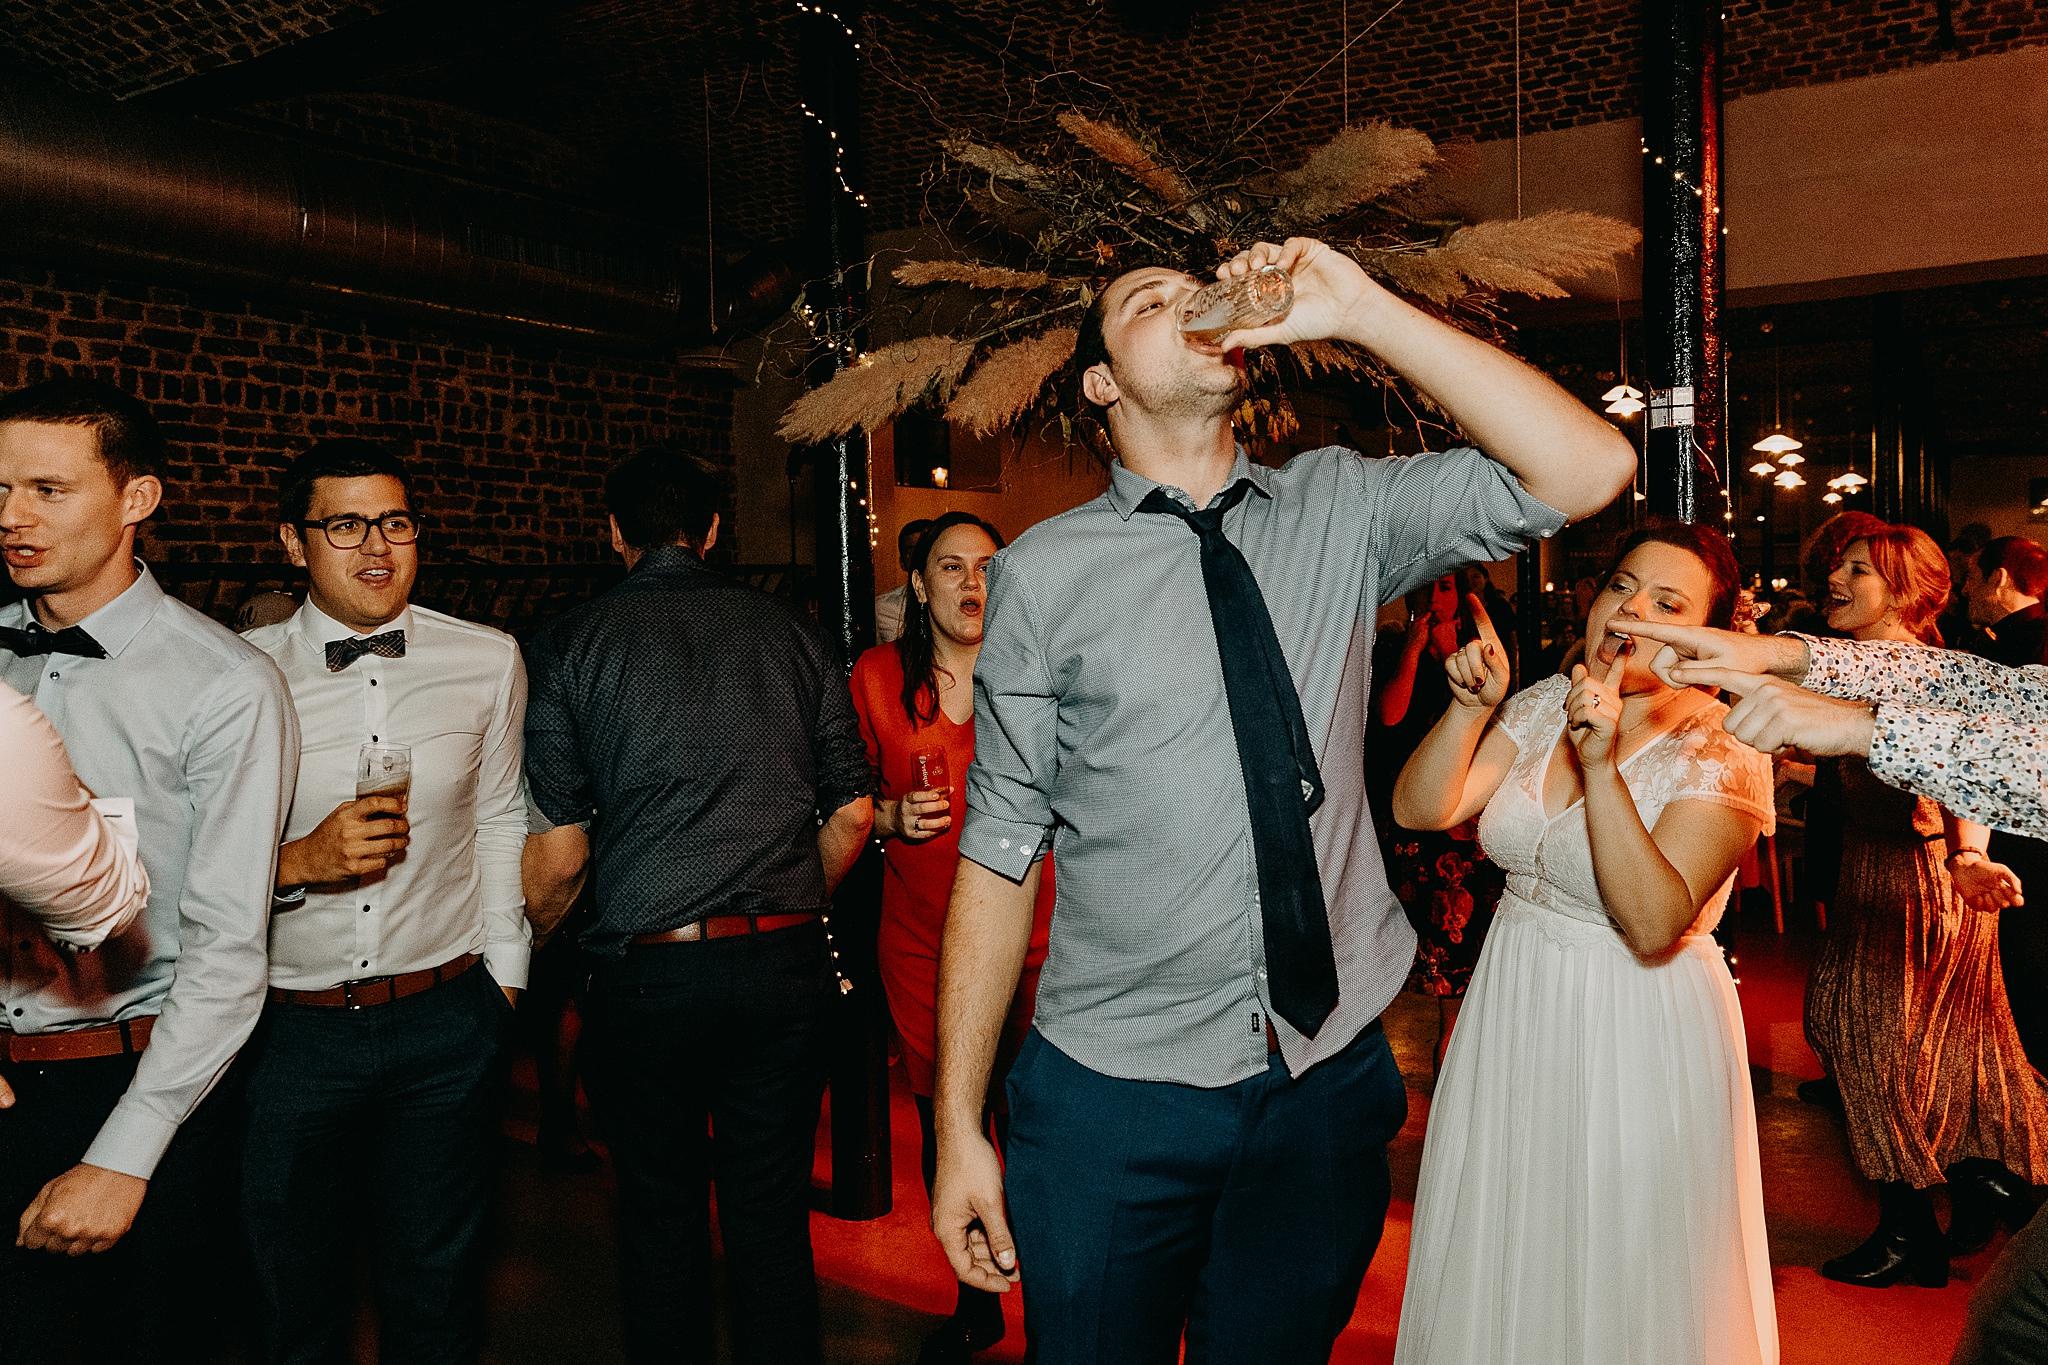 Aulnenhof trouw gast drinkt bier dansvloer